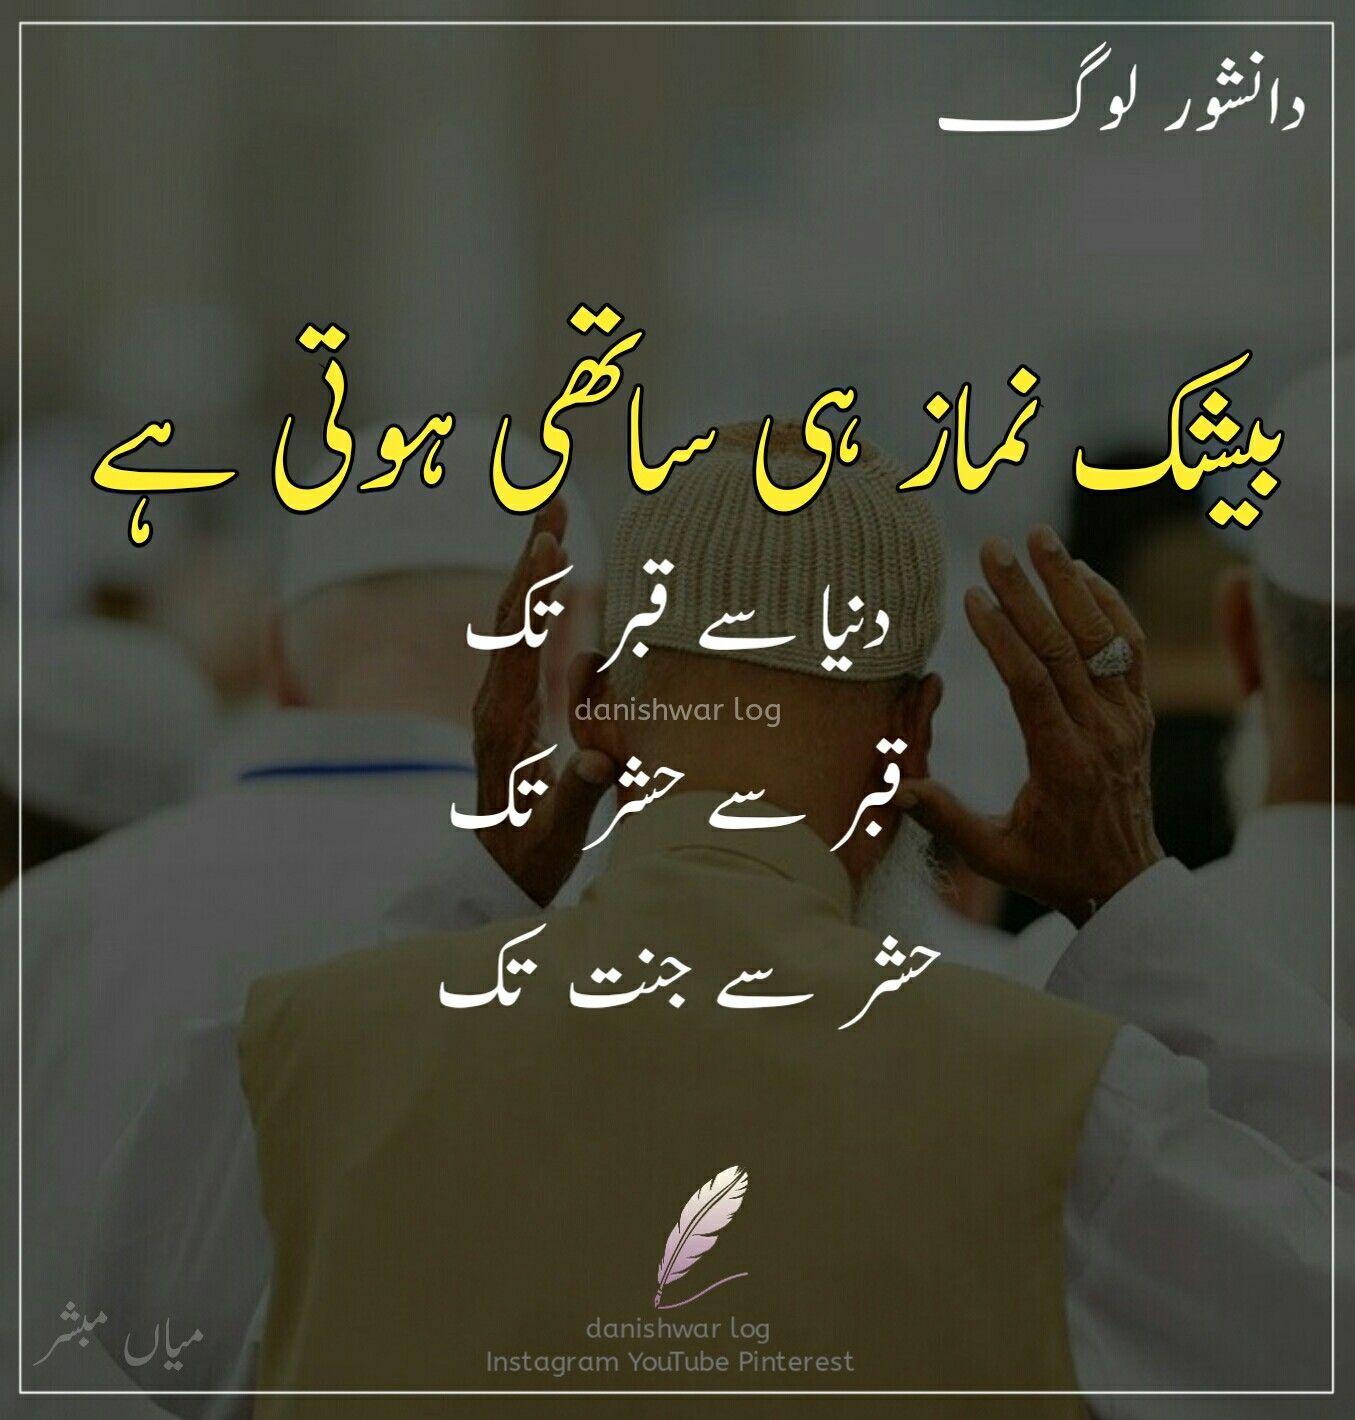 بیشک نمسز ہی ساتھی ہوتی ہے  Islamic inspirational quotes, Quran